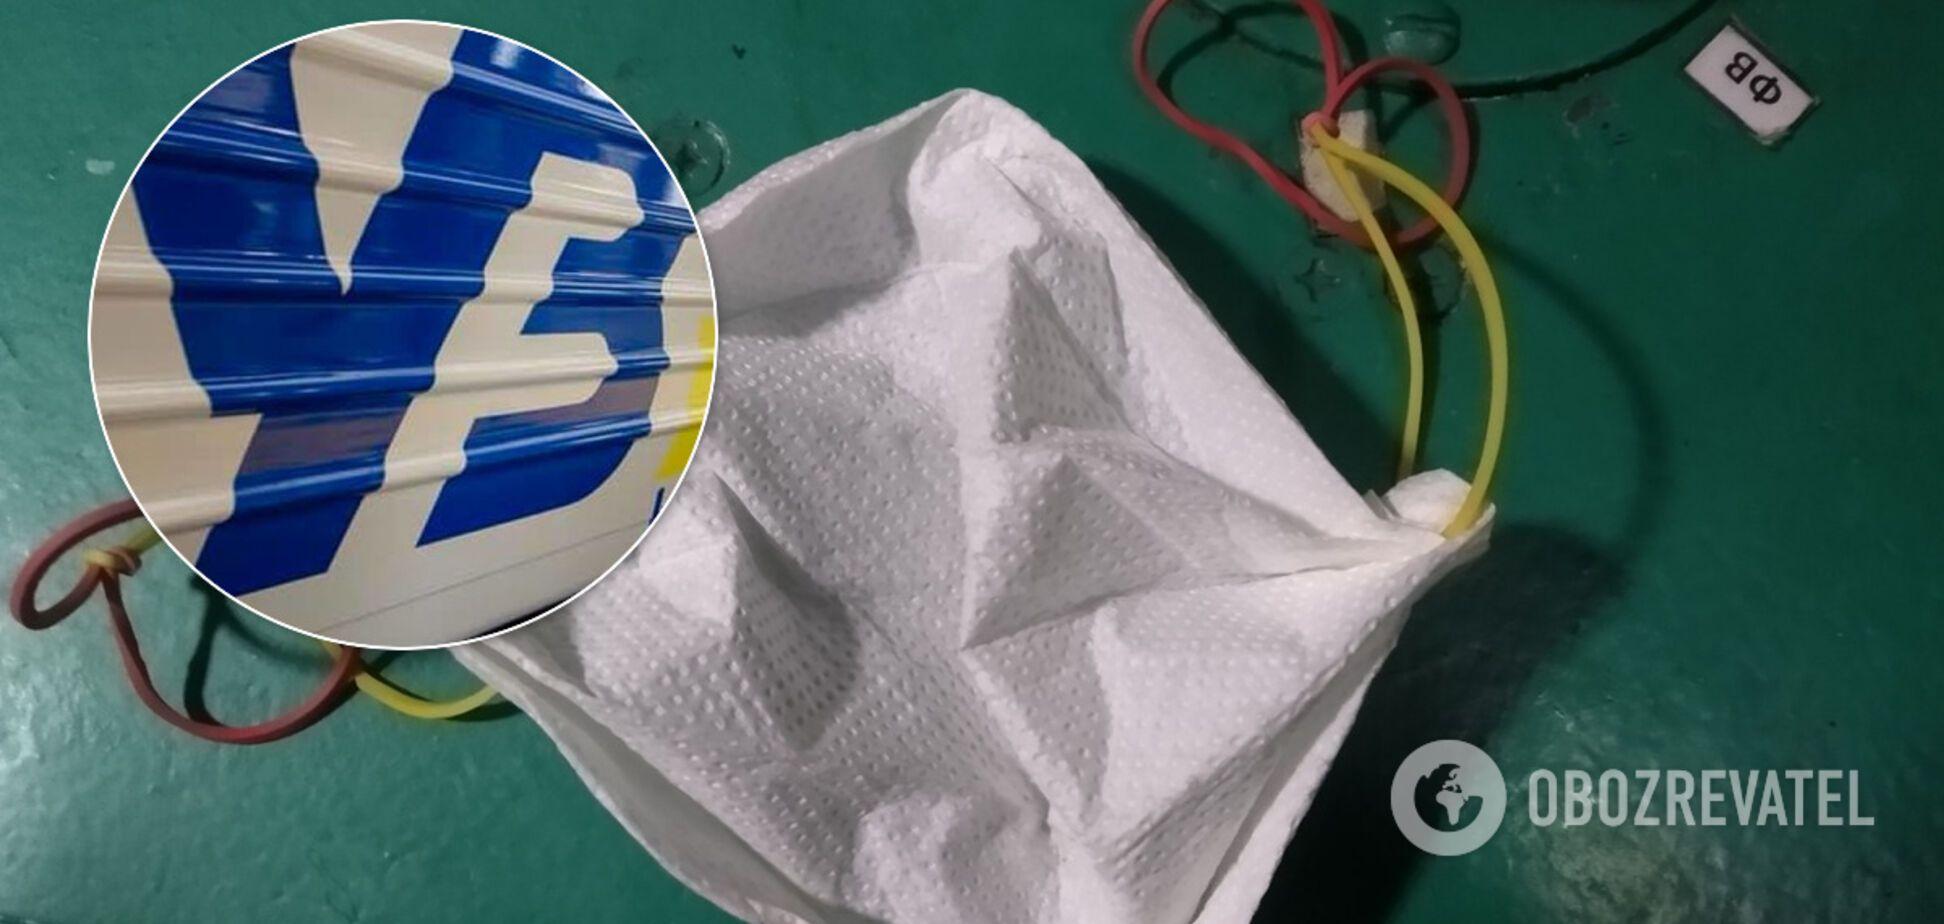 В 'Укрзалізниці' после скандала с бумажными масками начались разборки: позорные средства защиты приказали спрятать